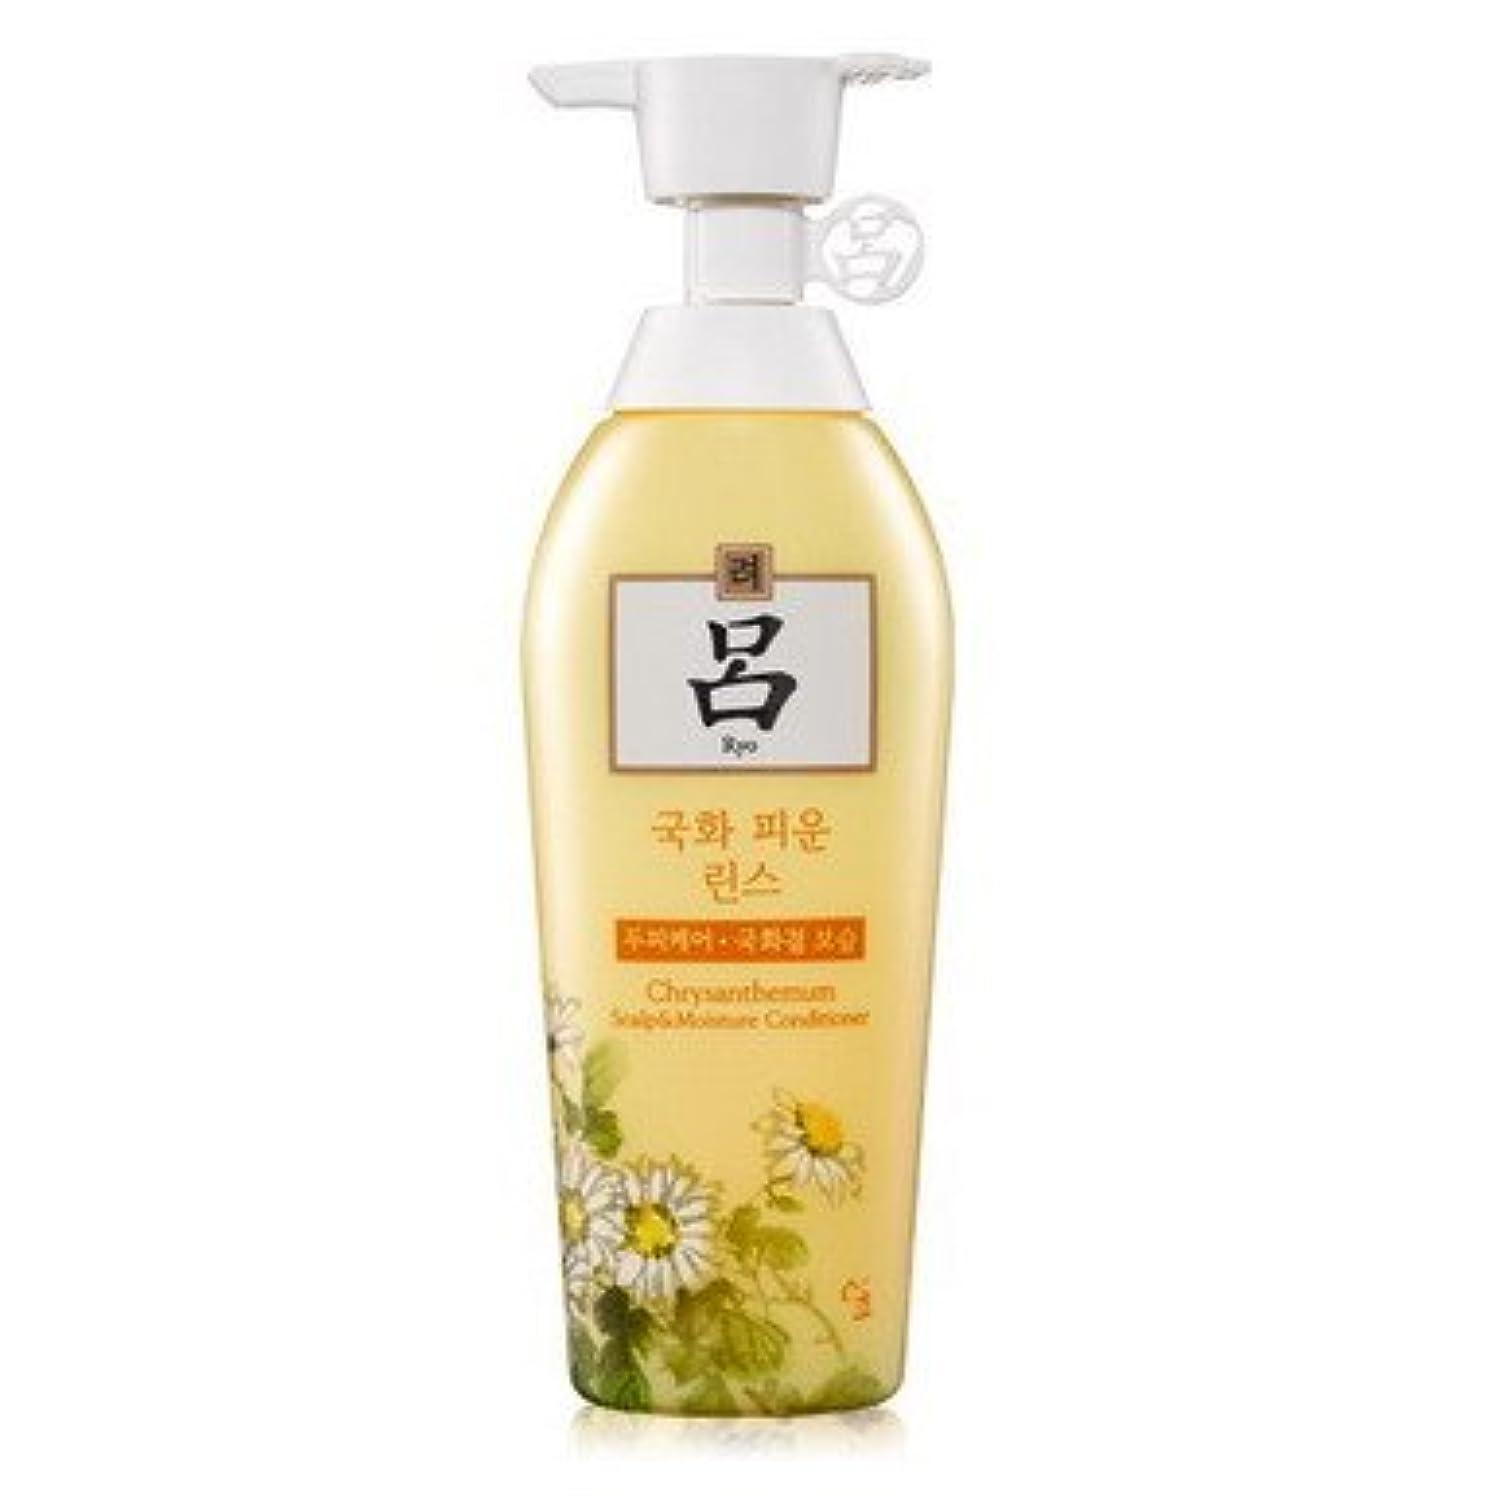 キャンペーン乳製品算術【呂(Ryo)】アッケシソウ菊をたいたリンス 500ml (乾性頭皮向け) [並行輸入品]